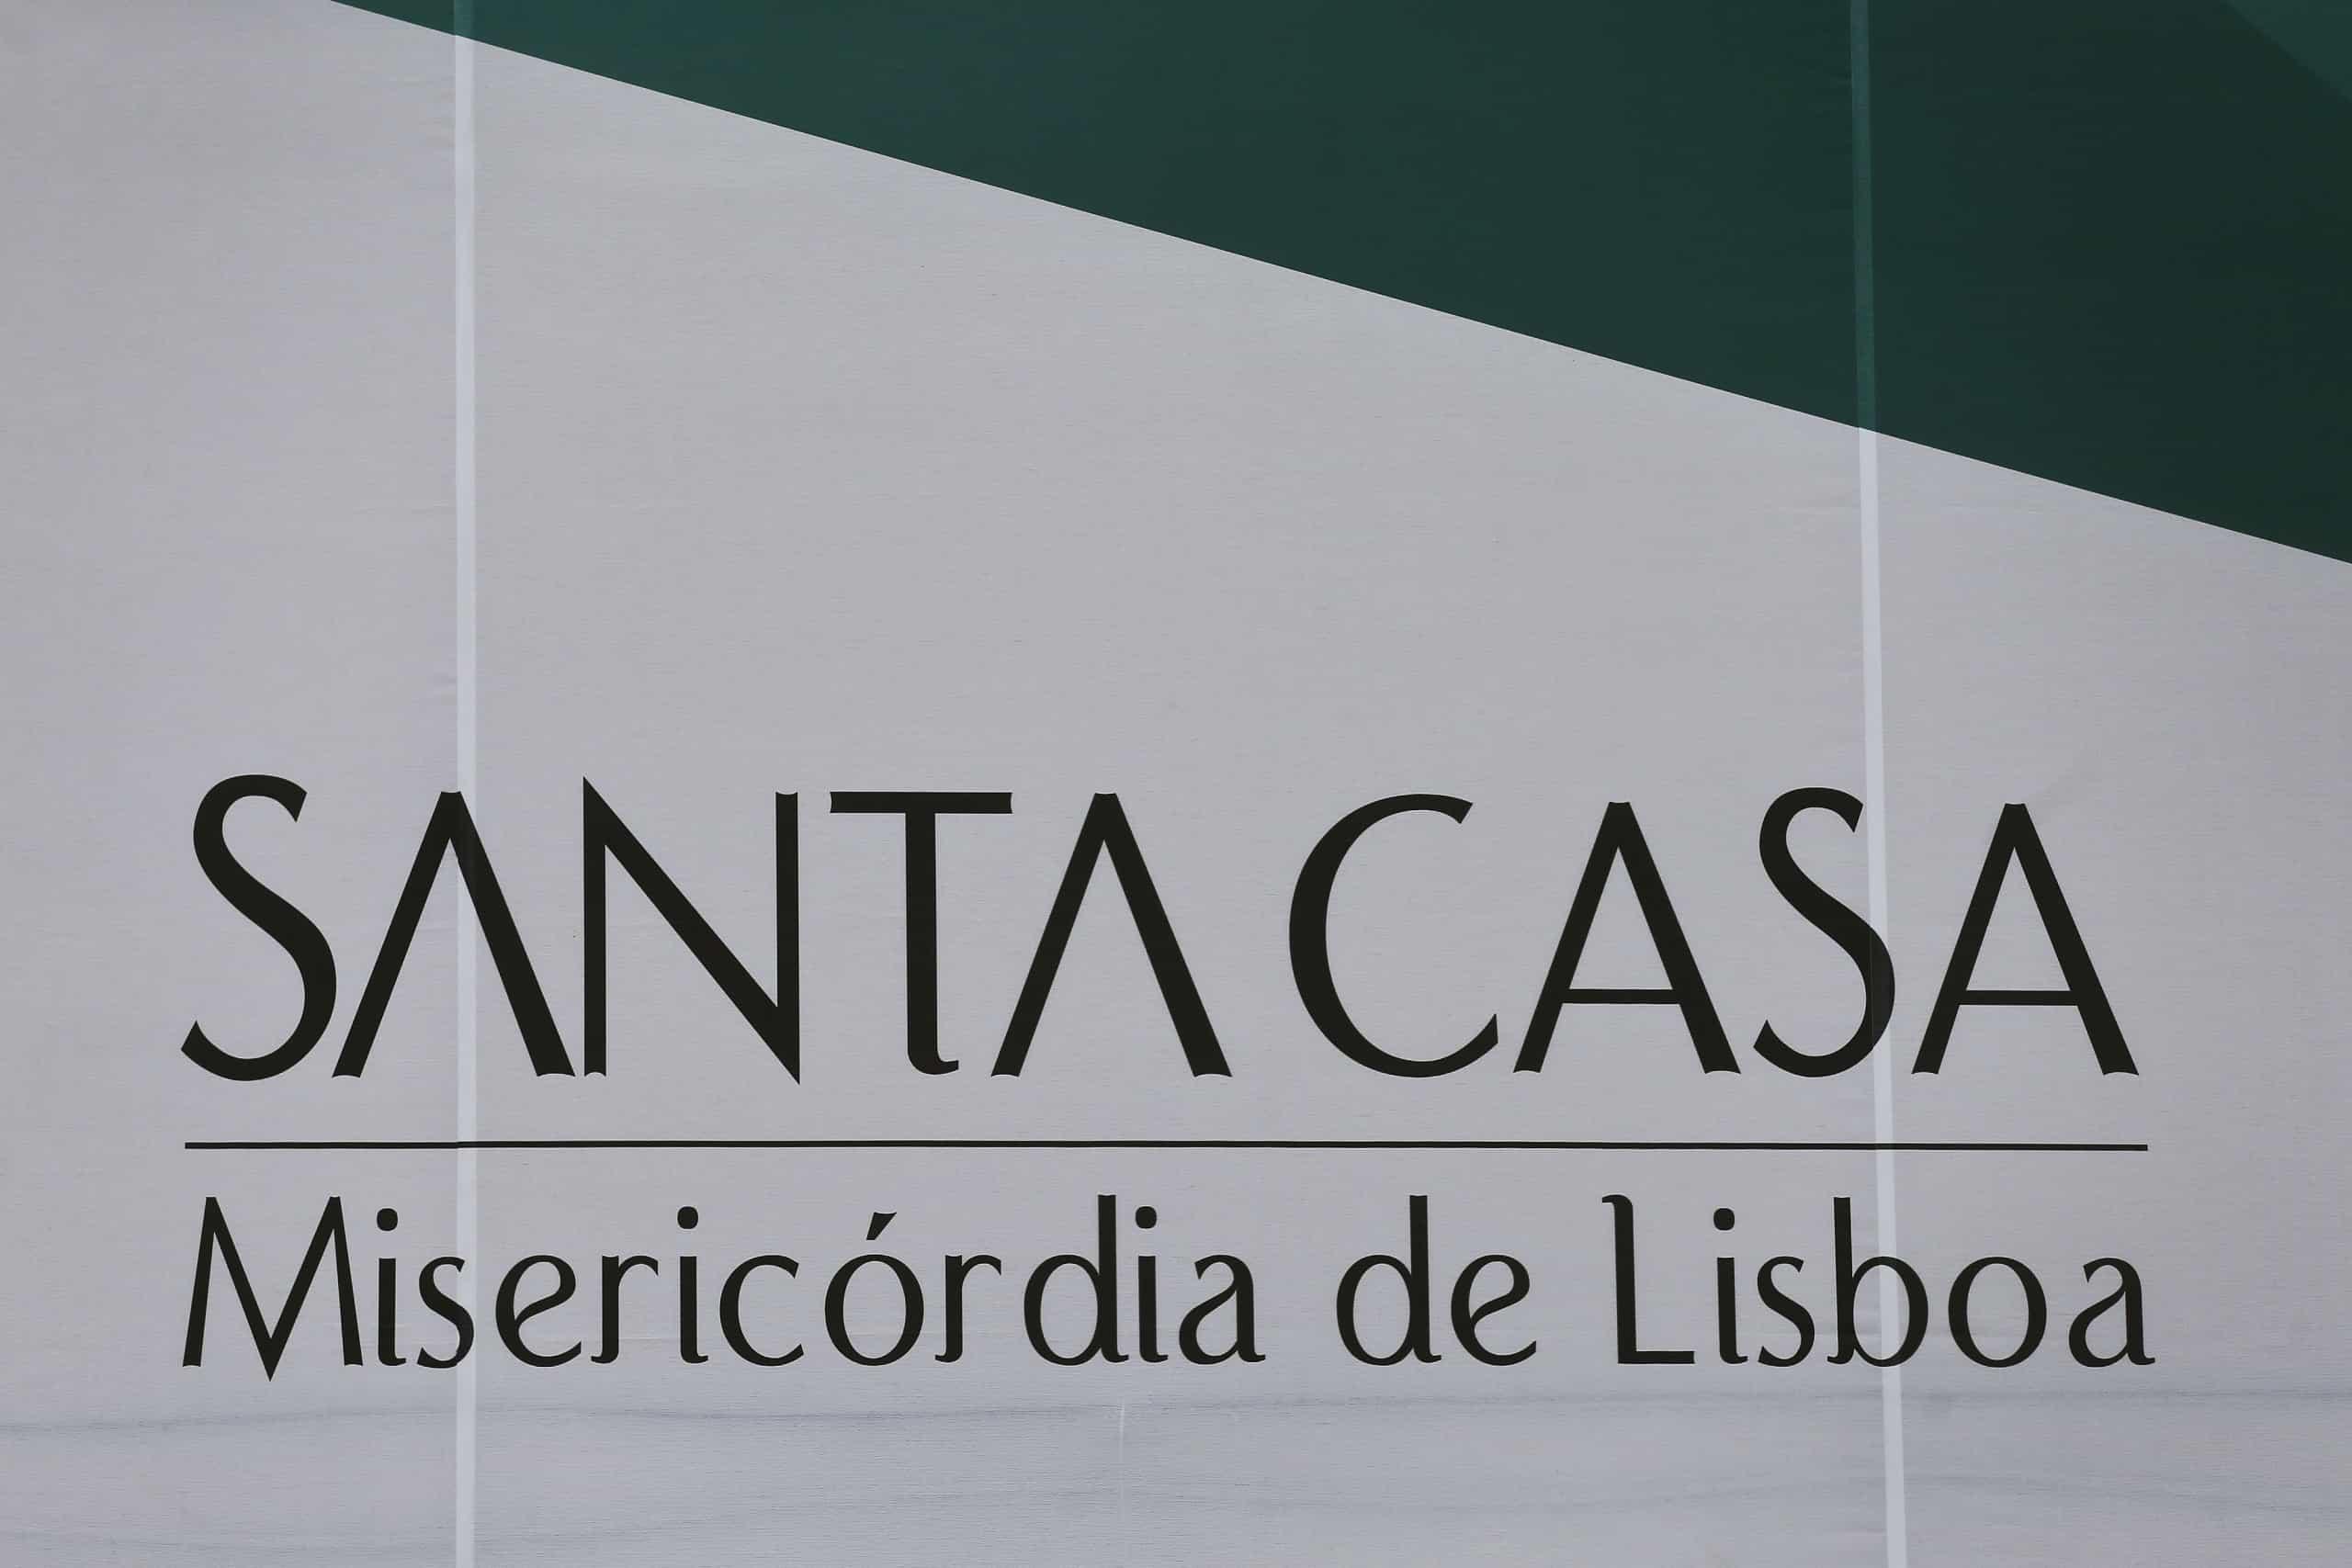 Santa Casa devolve cortes salariais com juros aos funcionários